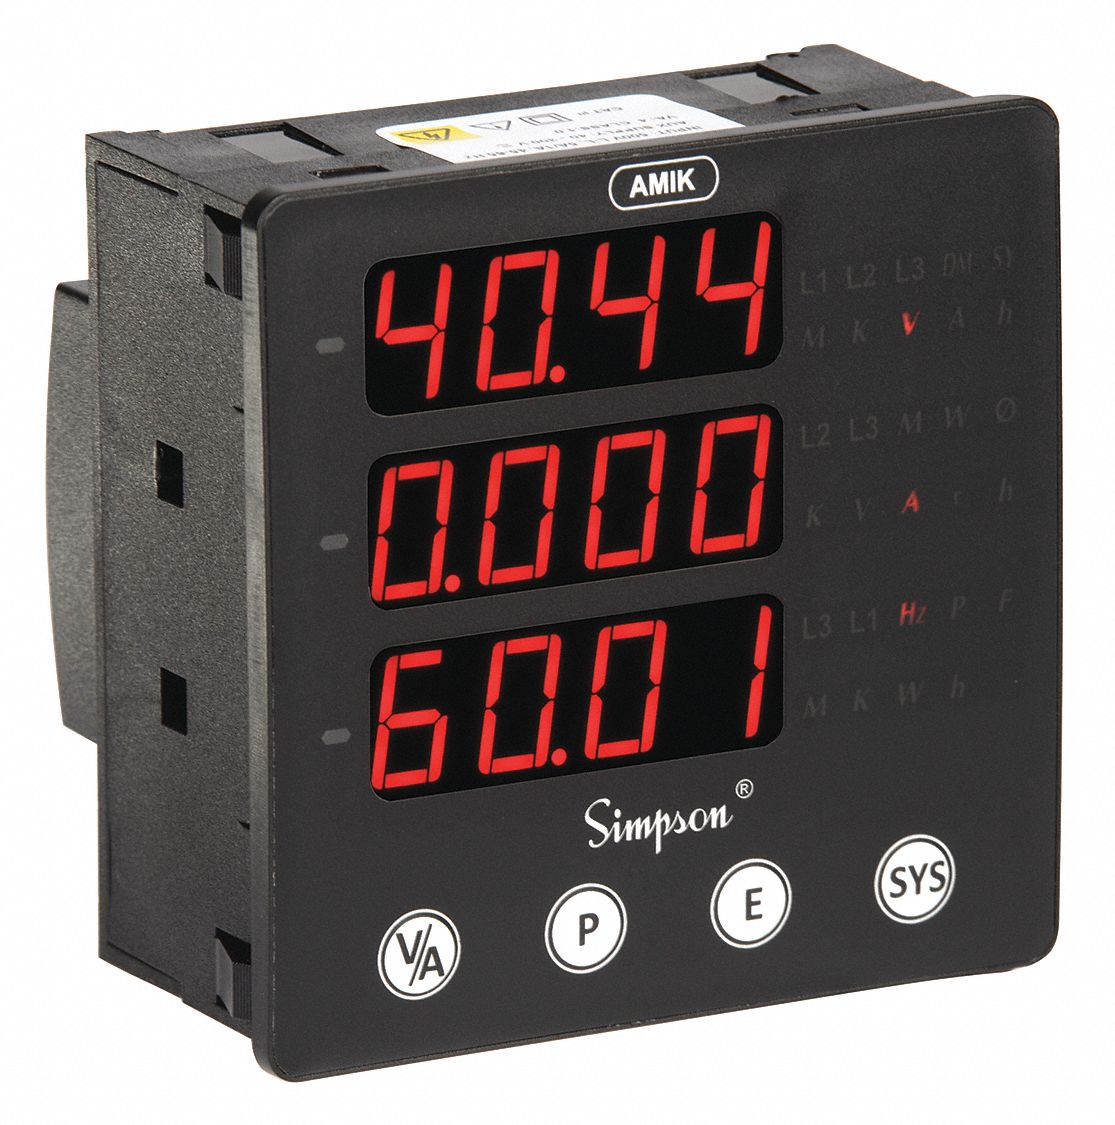 Simpson Electric Panel Meter 1359Md0-30 ACA 4.5 Ul Wv Model 3335